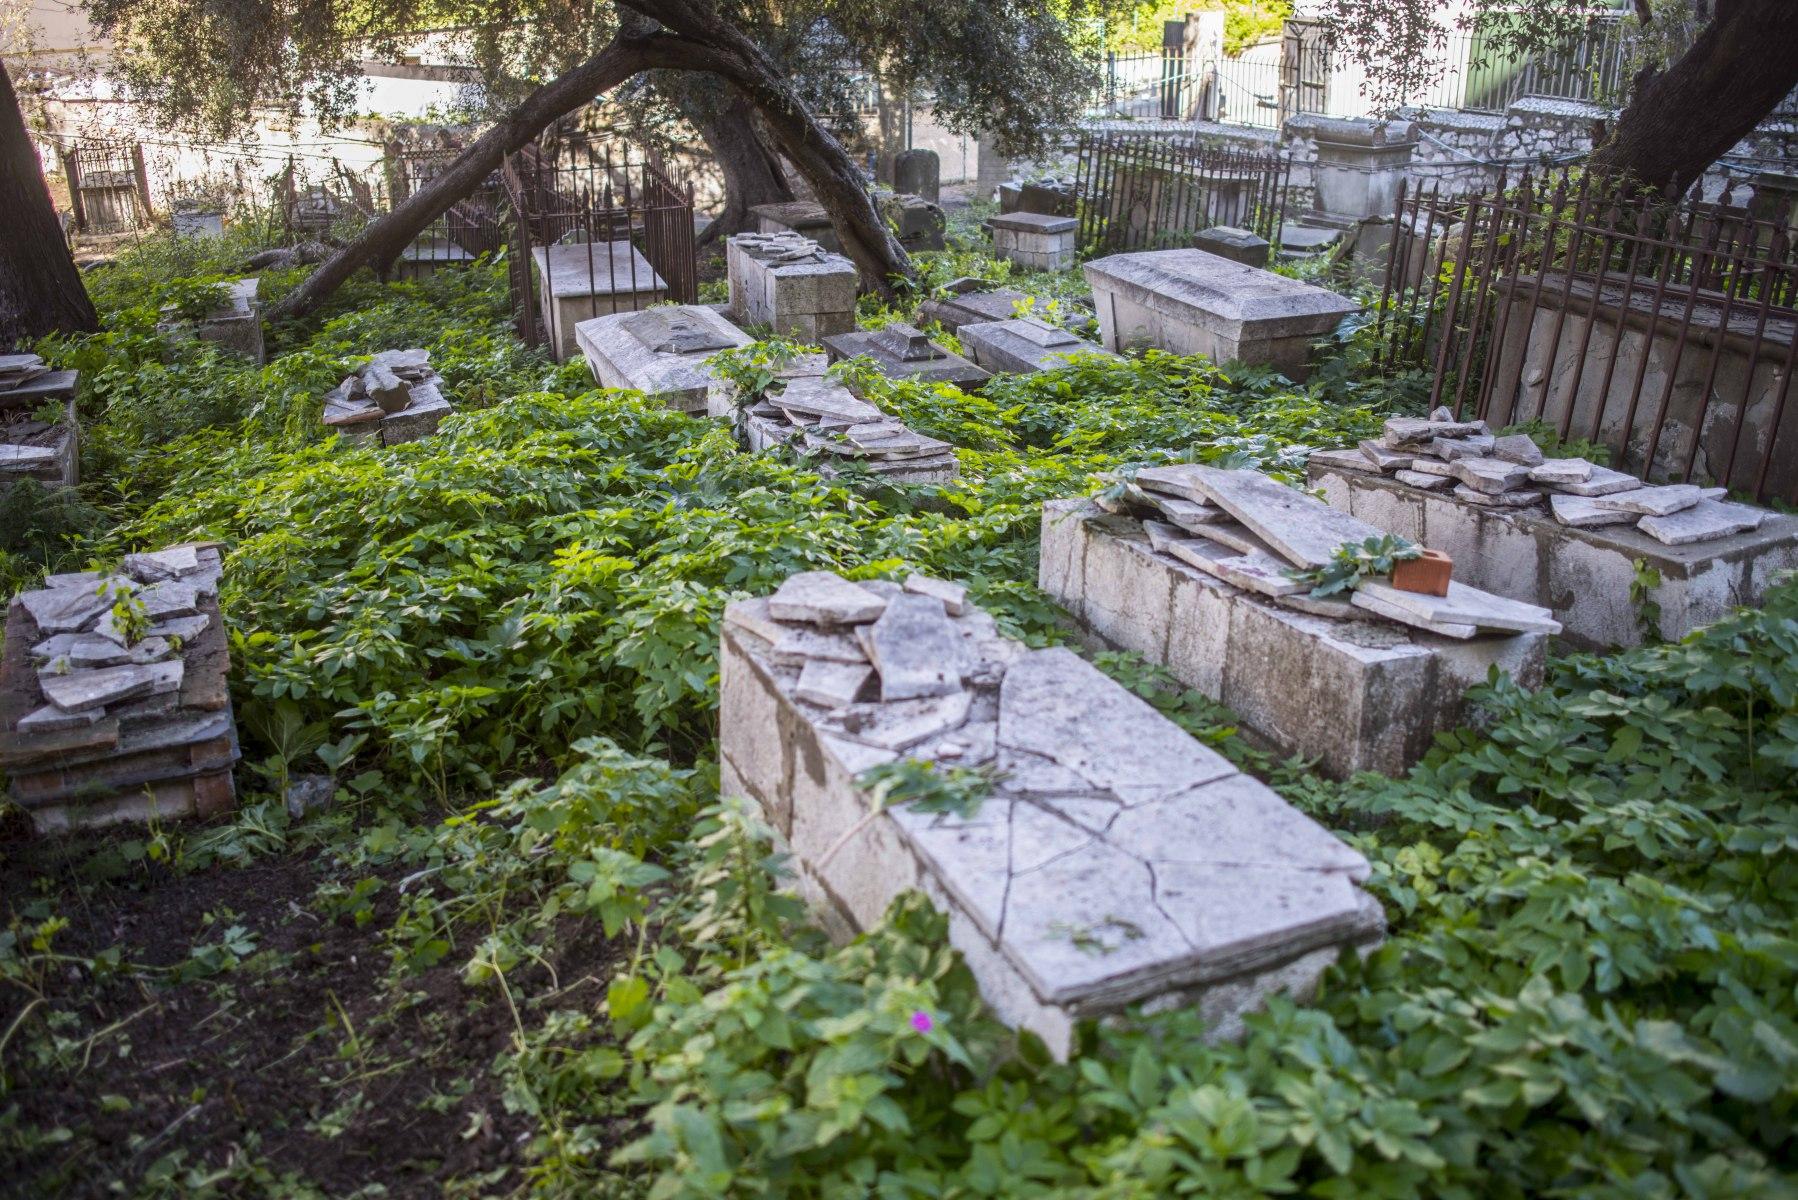 restauracin-cementerio-witham-15_25477582715_o